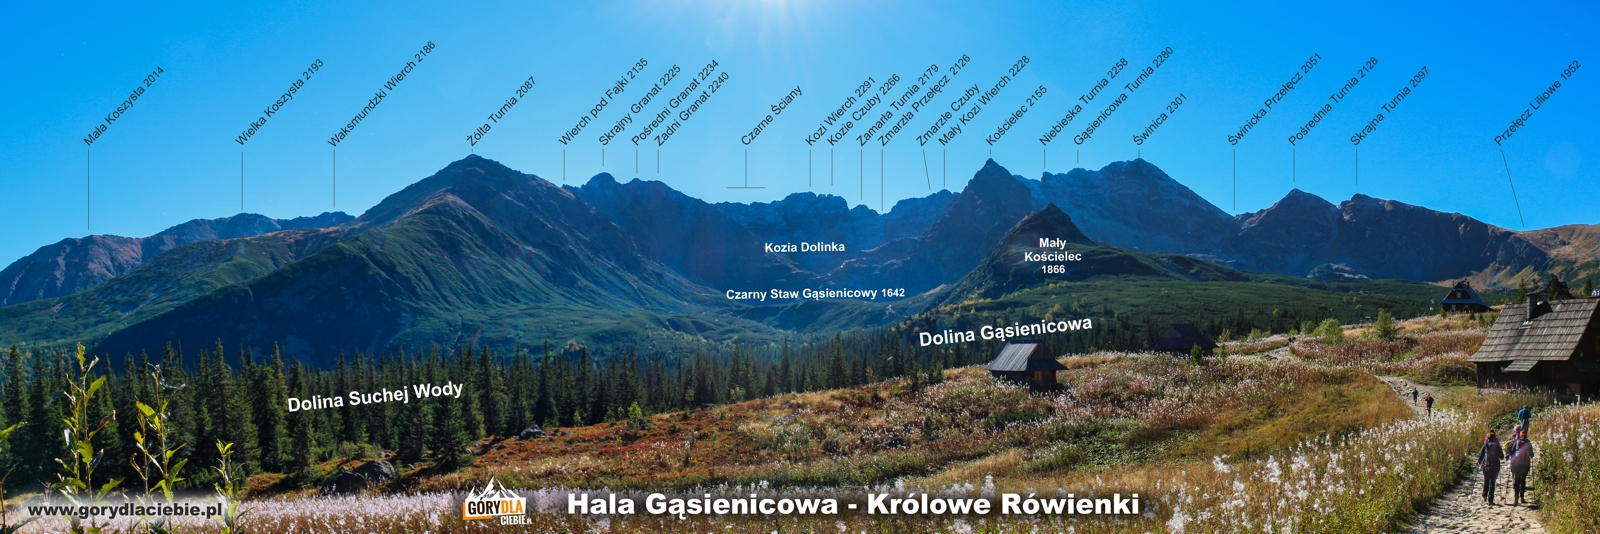 Tatry panorama z Hali Gąsienicowej (Królowe Rówienki)